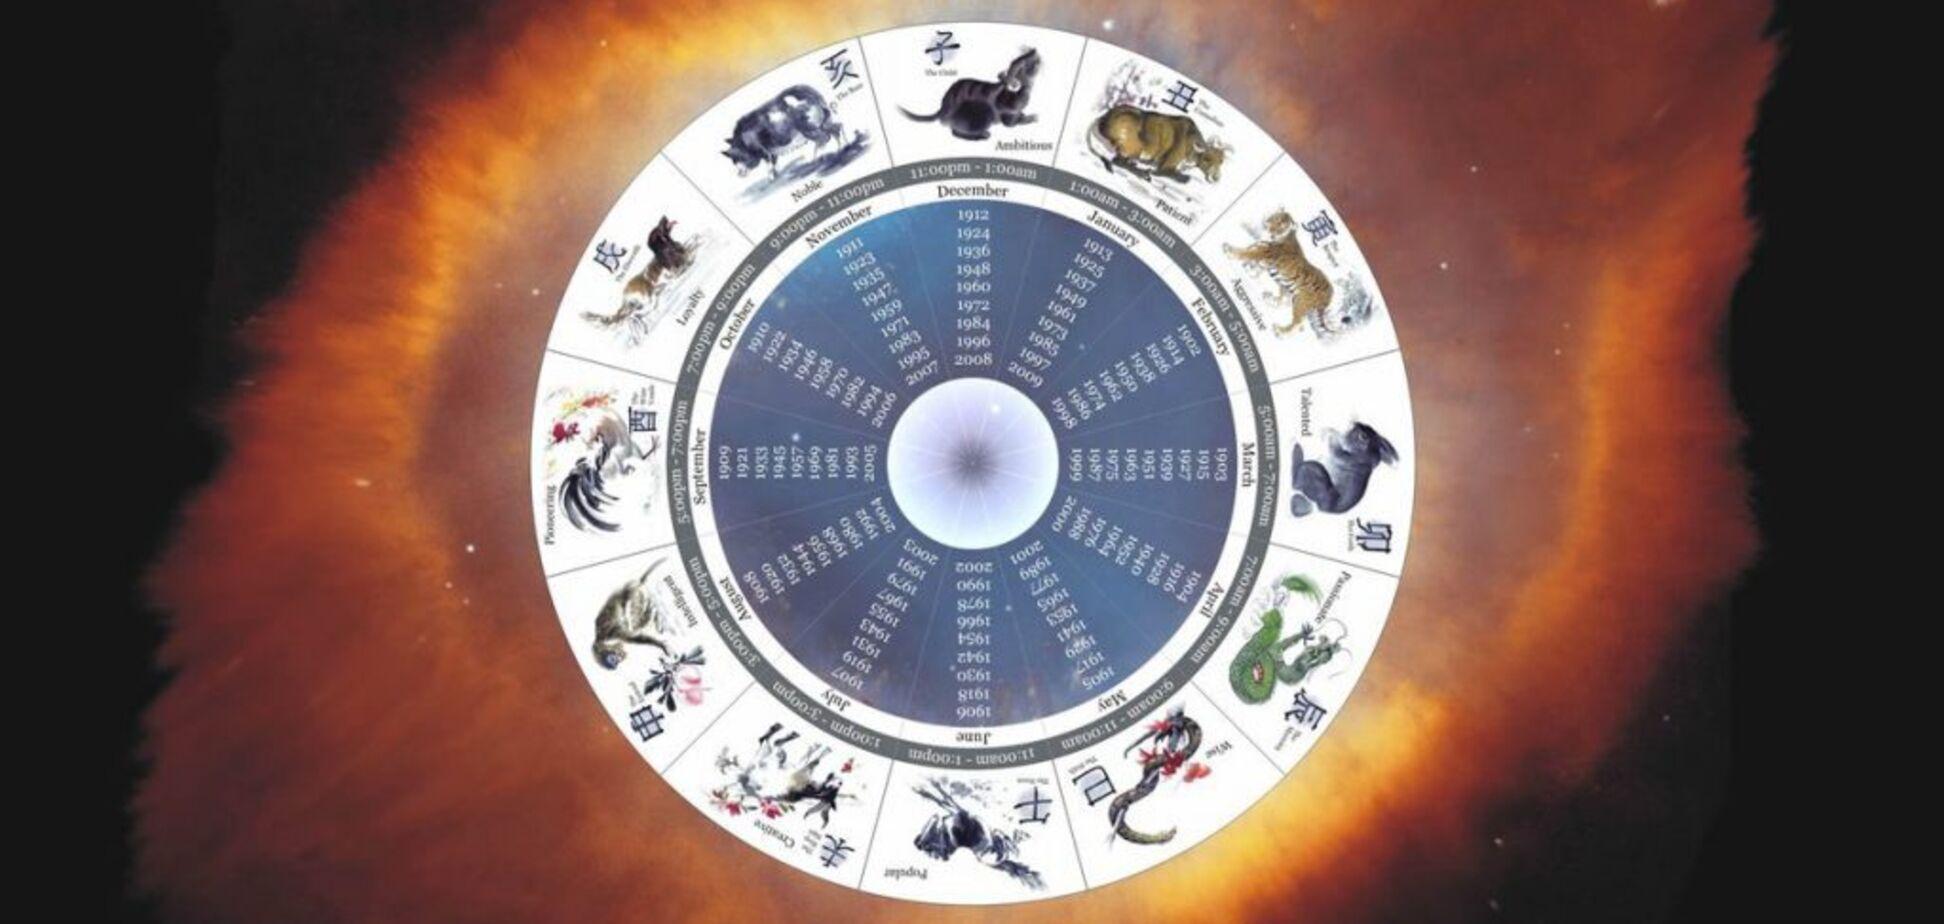 Гороскоп на 28 декабря: что ждет Львов, Раков, Дев и другие знаки зодиака